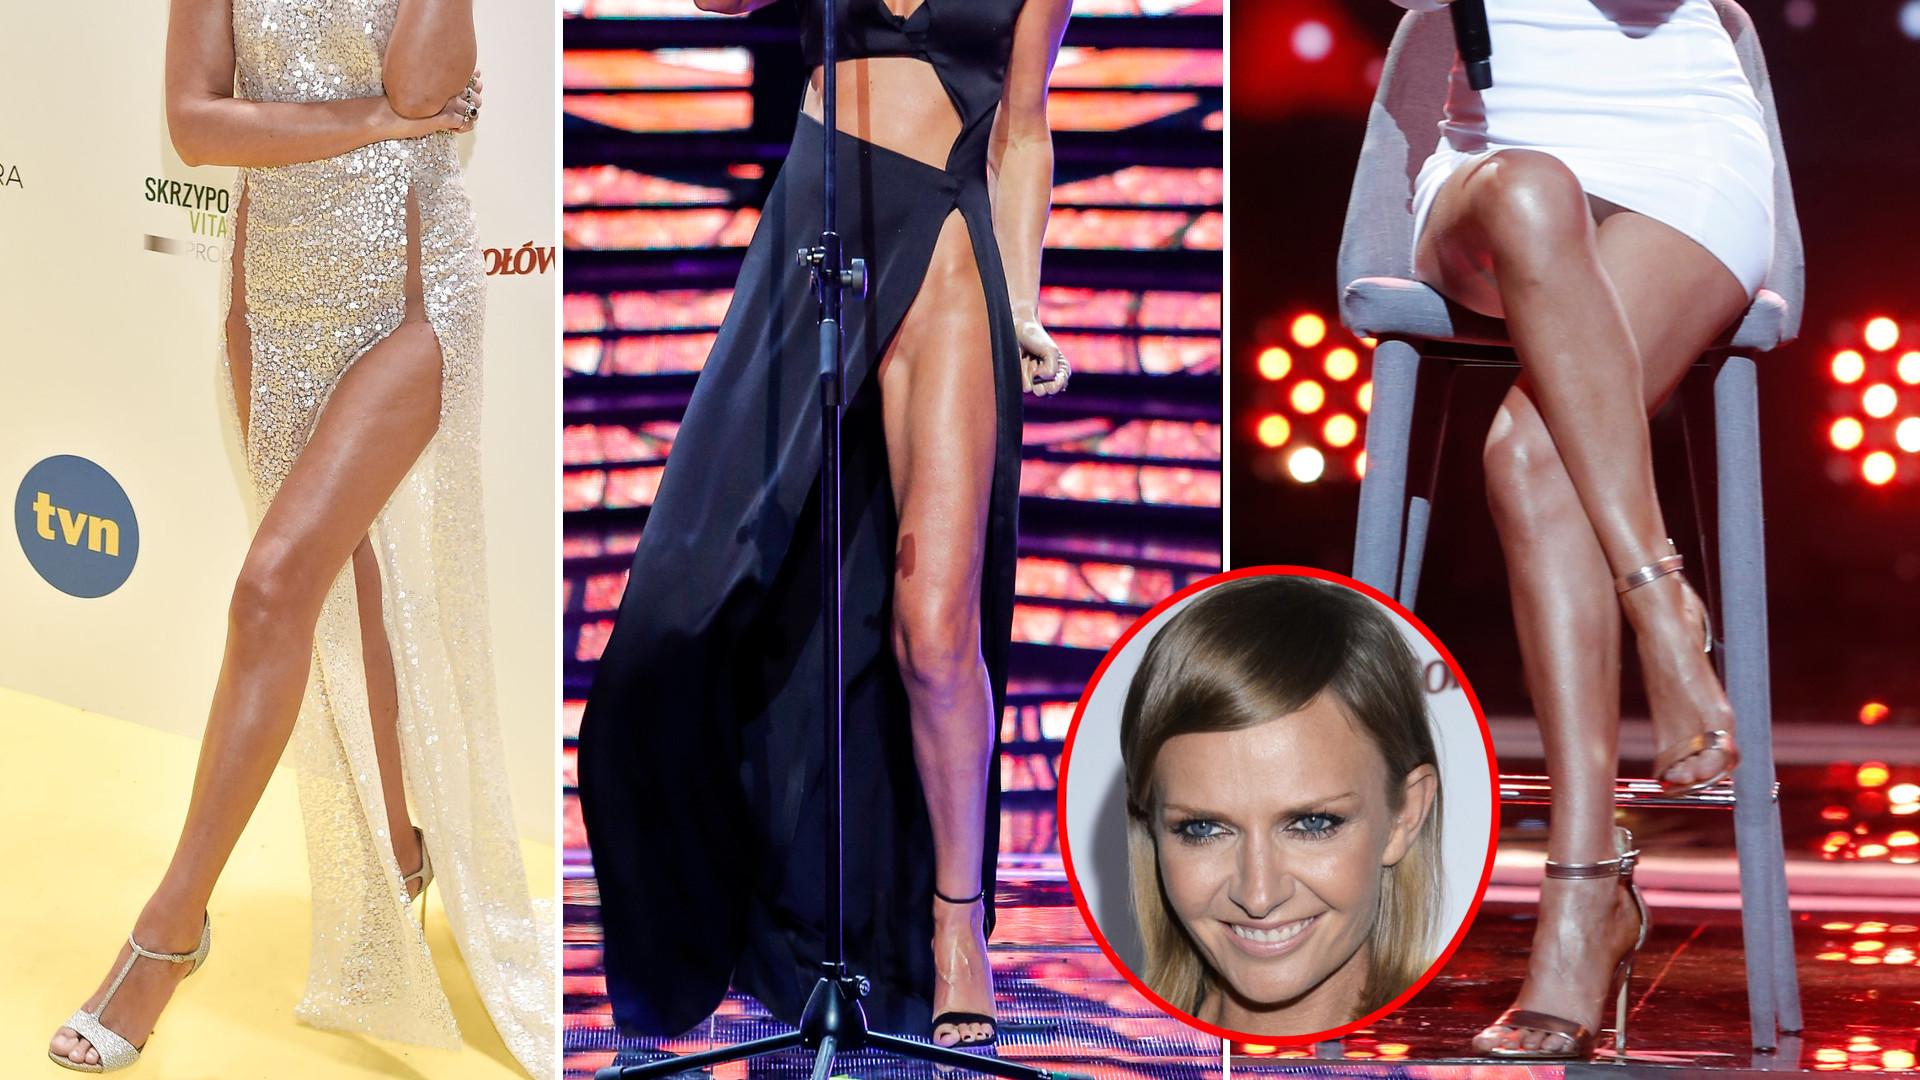 MEGA nogi Kasi Stankiewicz – najgorętsze stylówki gwiazdy, w których Kasia pokazała, jaka jest zgrabna